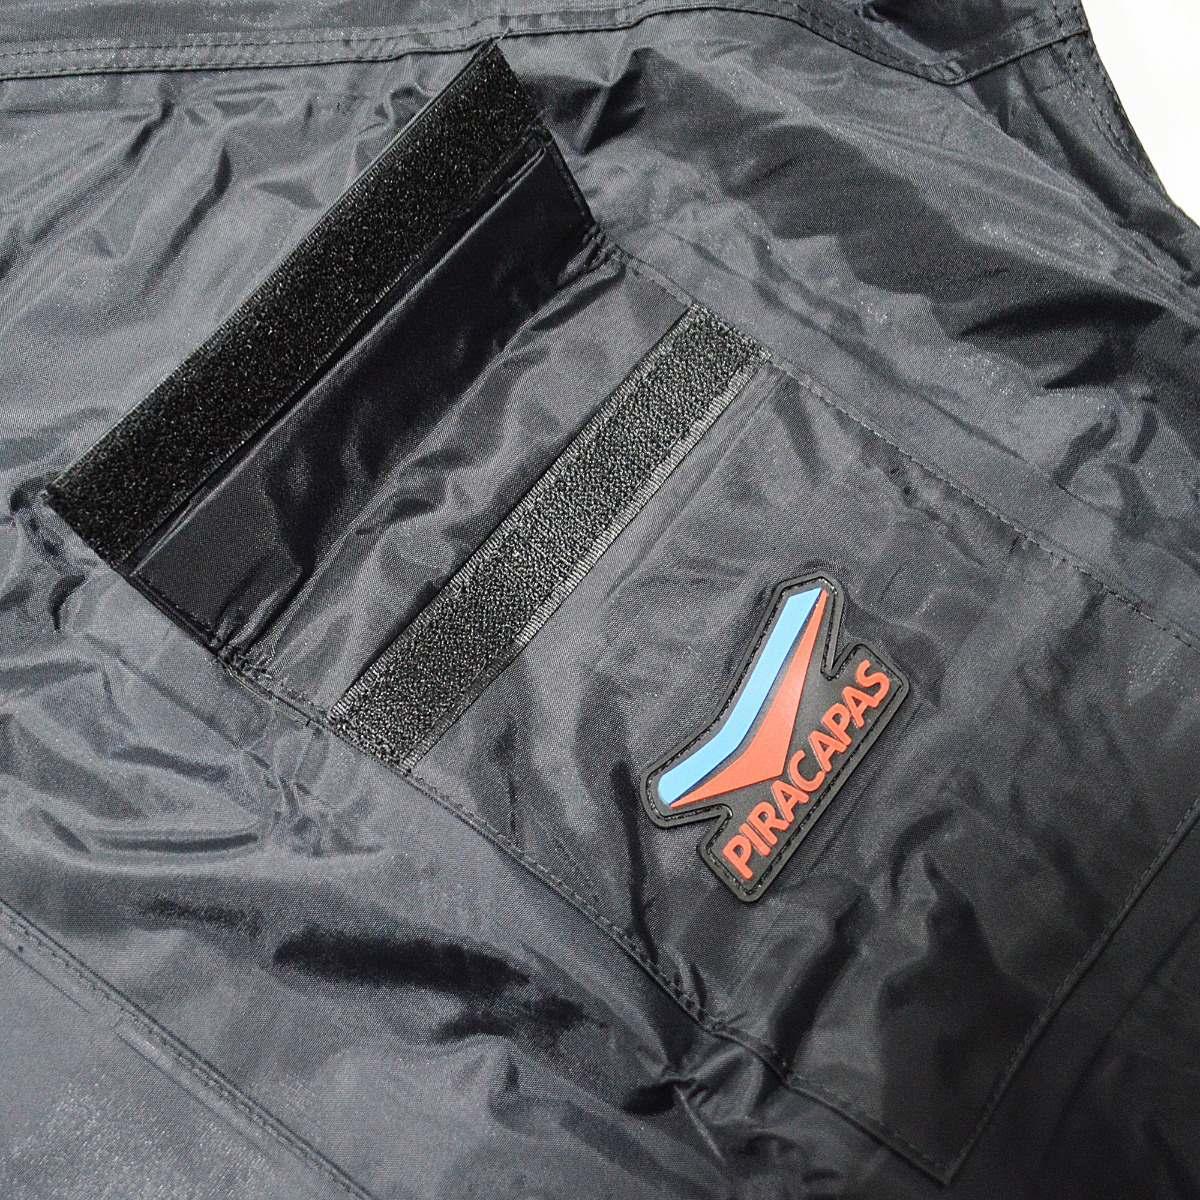 20a747fa461 conjunto capa chuva masculina forro moto motoqueiro nylon m. Carregando  zoom.